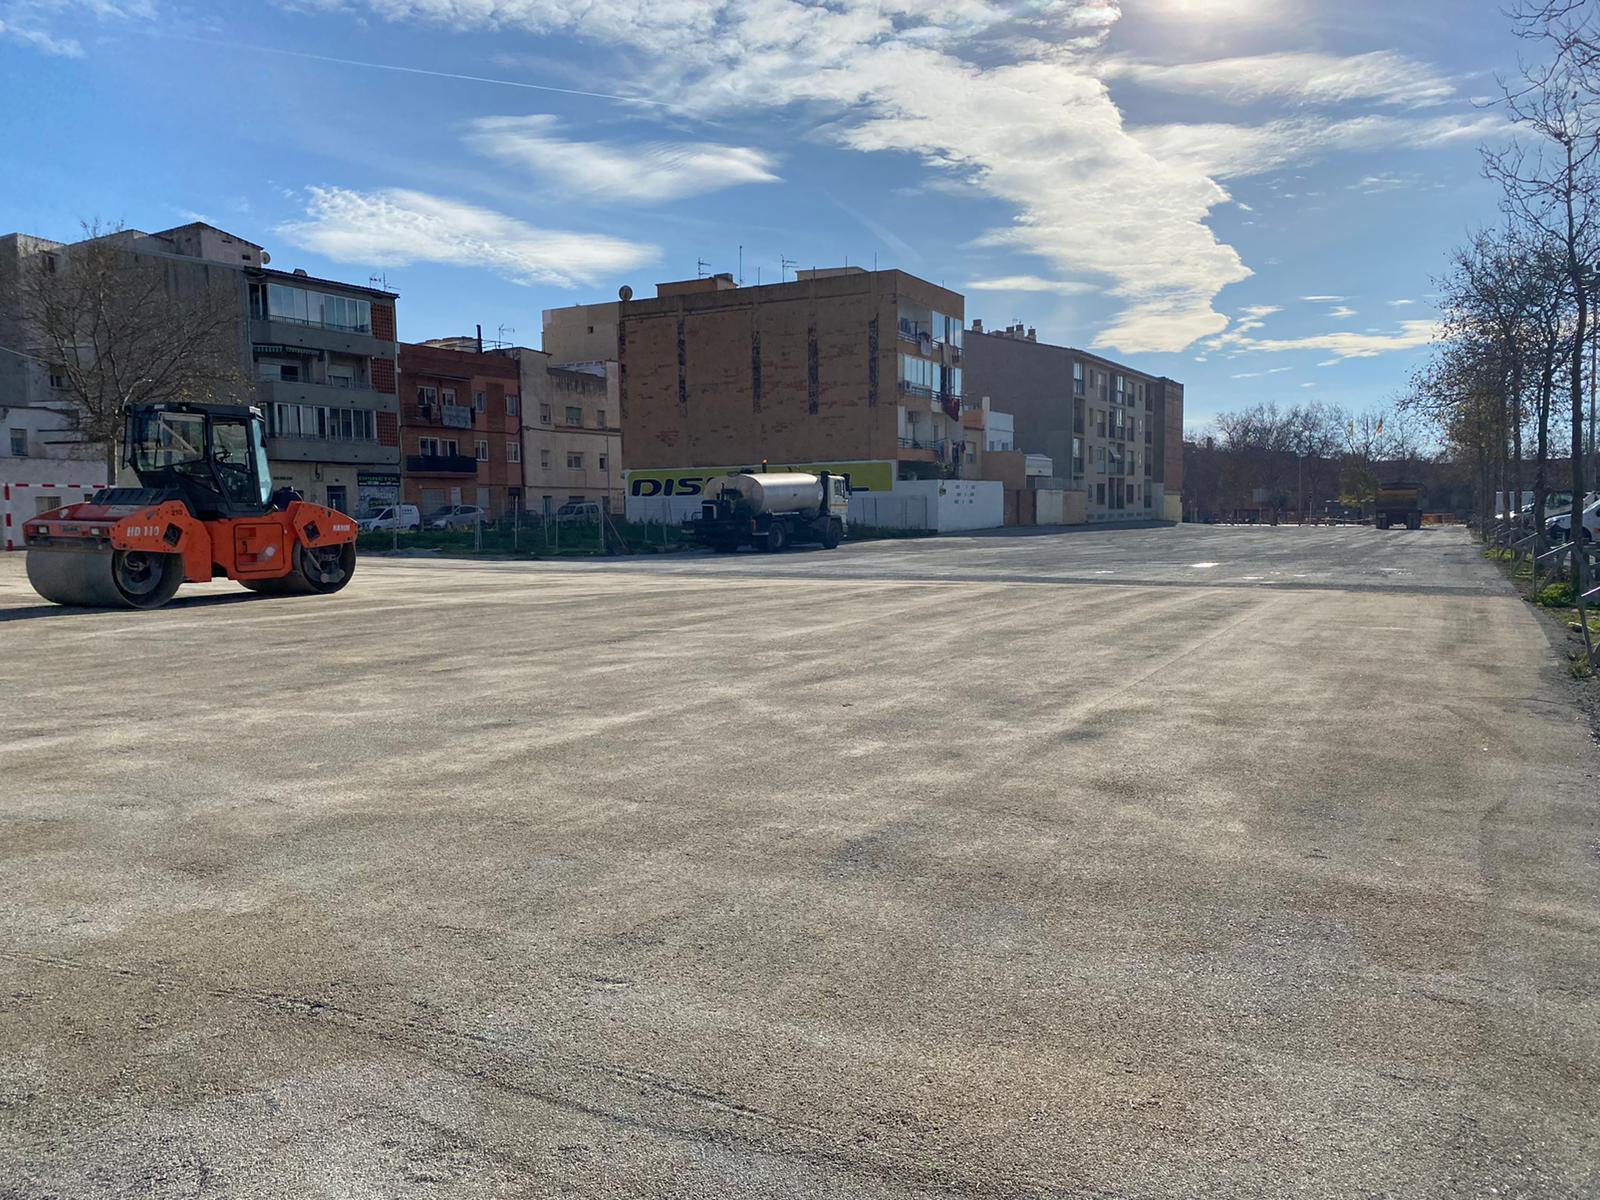 L'Ajuntament habilita un aparcament per a 131 vehicles, a tocar del mercat dels diumenges